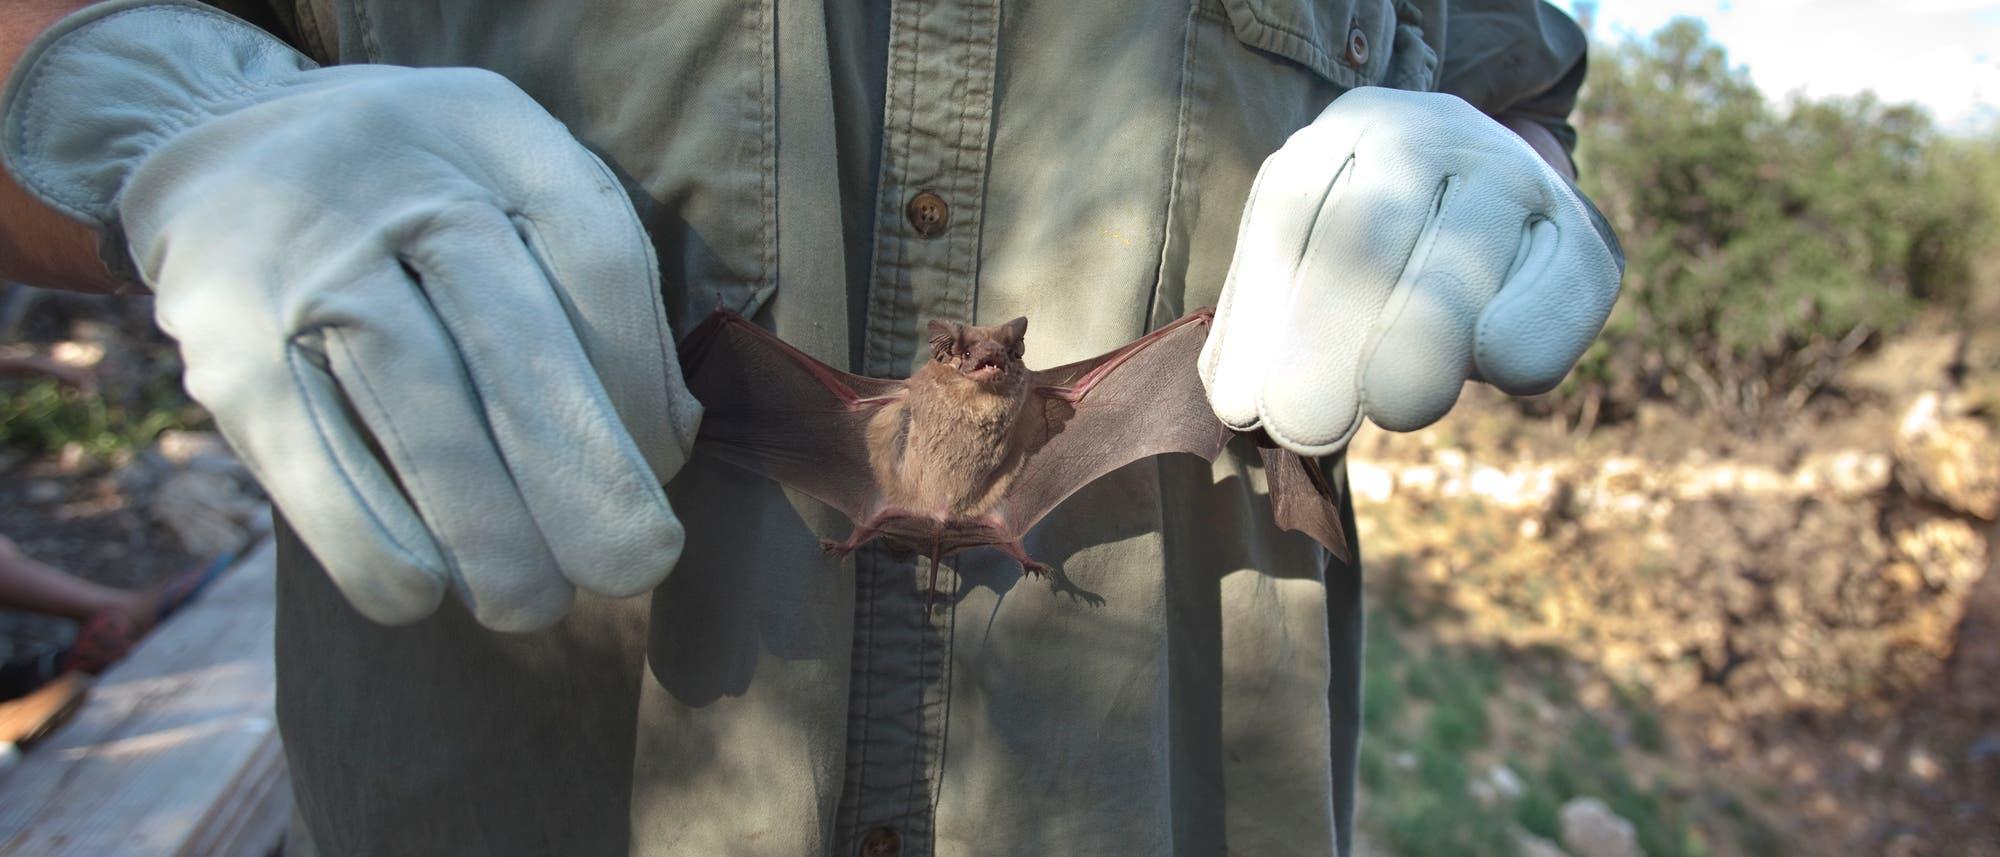 Ein Naturschützer hält eine kleine Fledermaus an ihren ausgestreckten Flügeln in die Kamera.